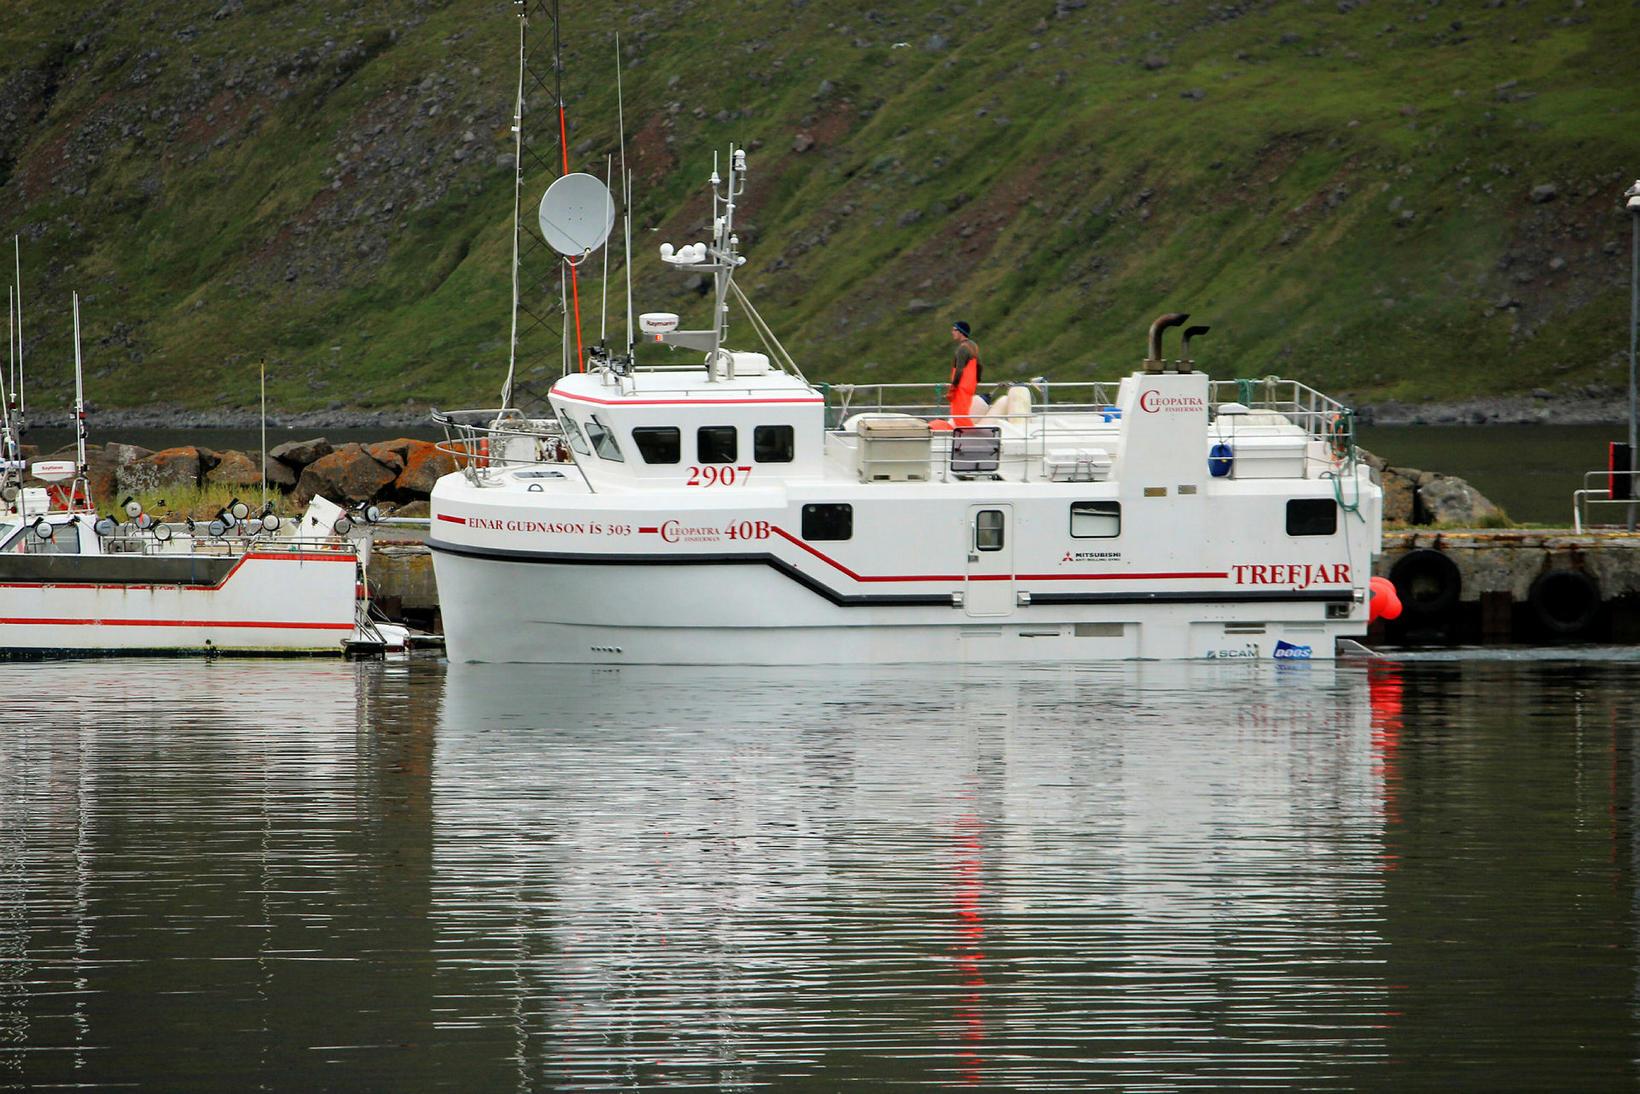 Báturinn Einar Guðnason strandaði við Gölt á utanverðum Súgandafirði í …